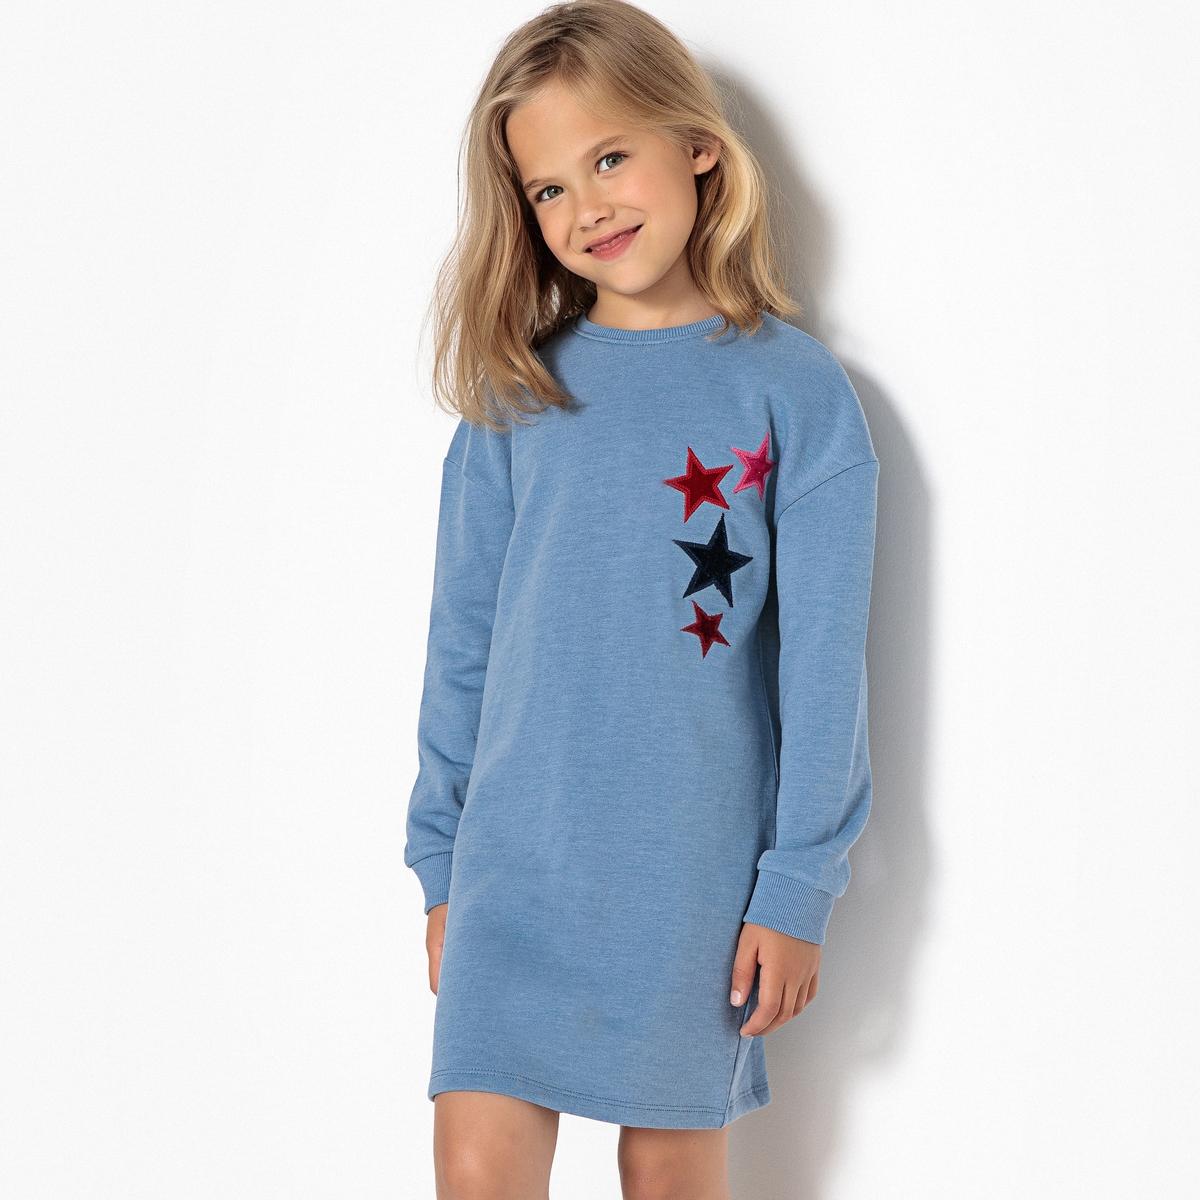 Платье из мольтона с рисунком звезды из велюра 3-12 лет бермуды из мольтона с рисунком на 3 12 лет